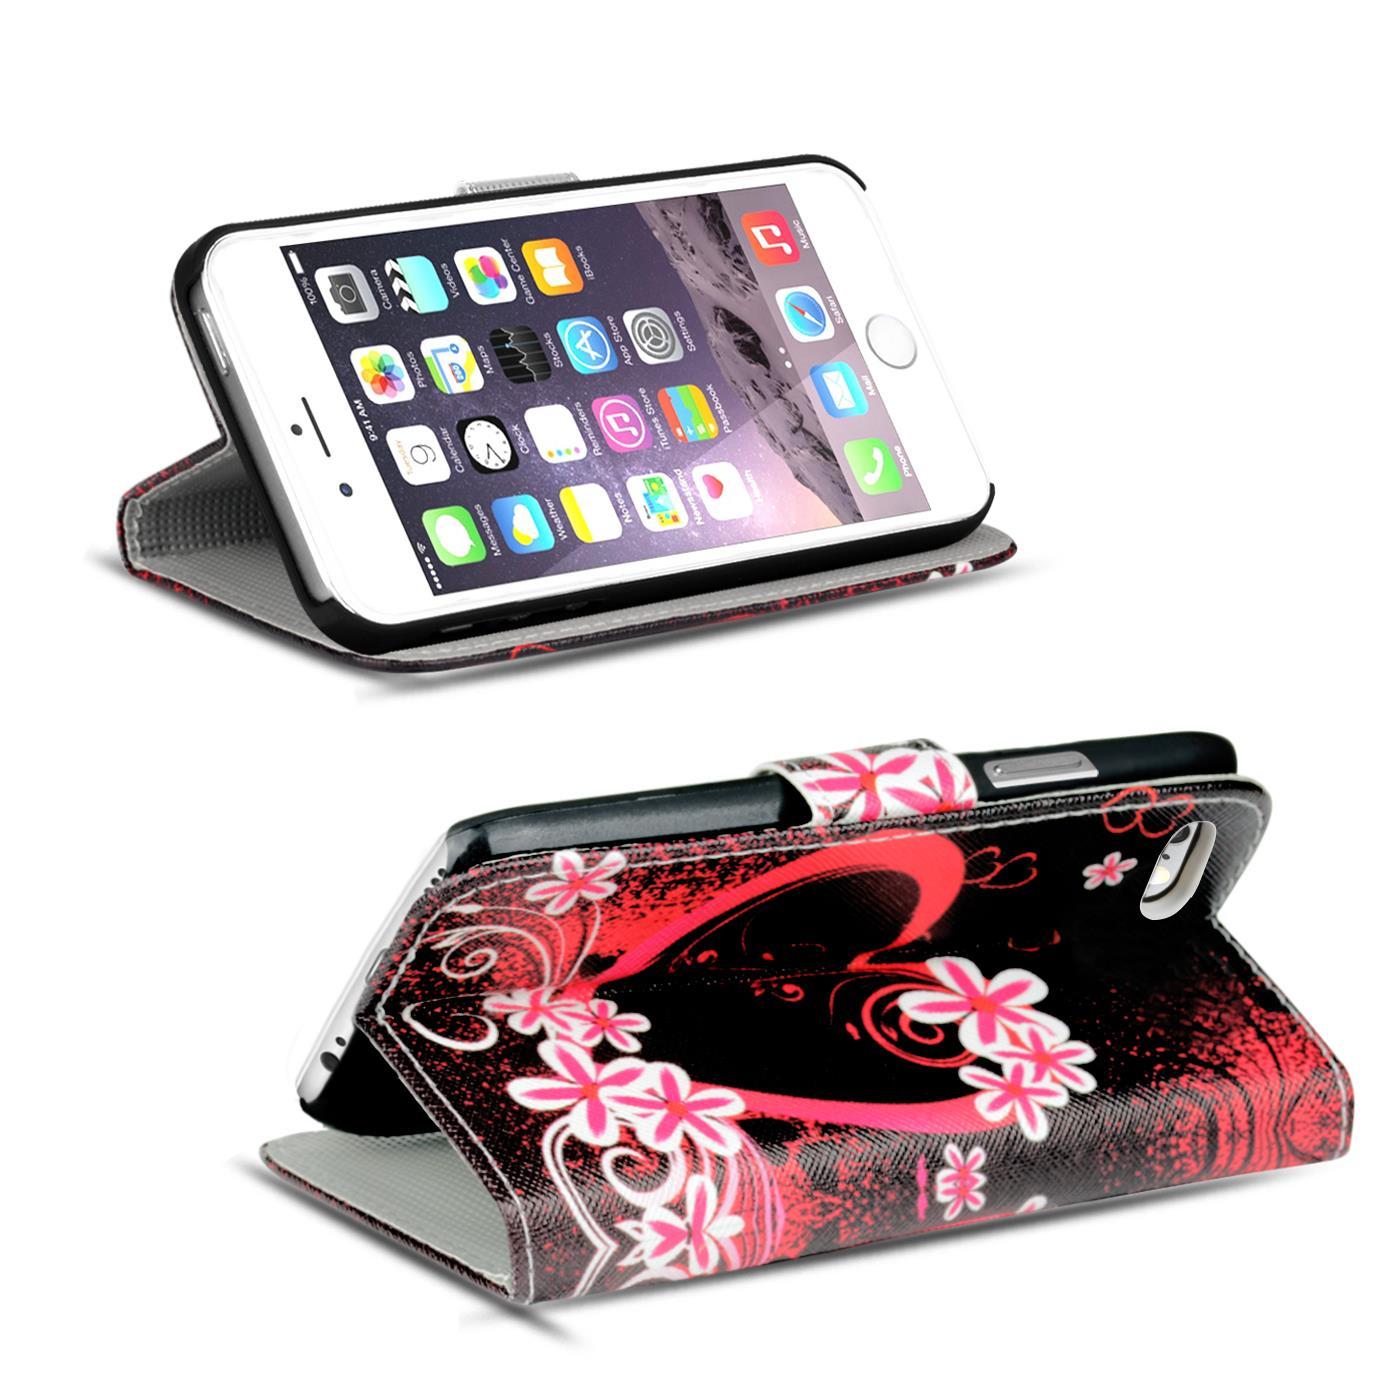 Handy-Huelle-Apple-iPhone-8-Plus-Flip-Cover-Case-Schutz-Tasche-Etui-Motiv-Wallet Indexbild 33